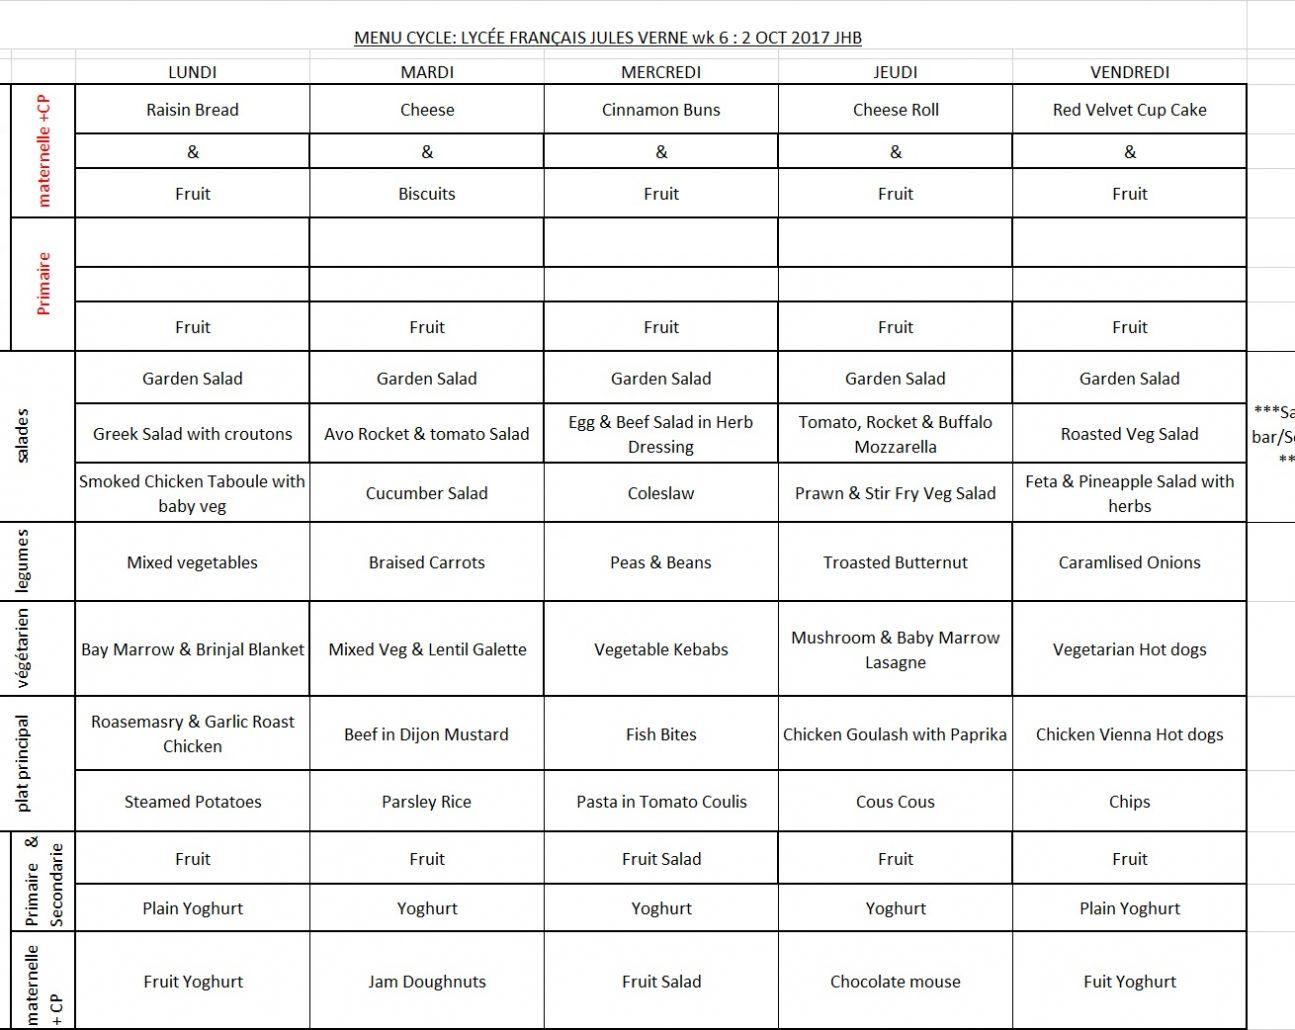 Menu JHB WEEK 6 - 2 OCT